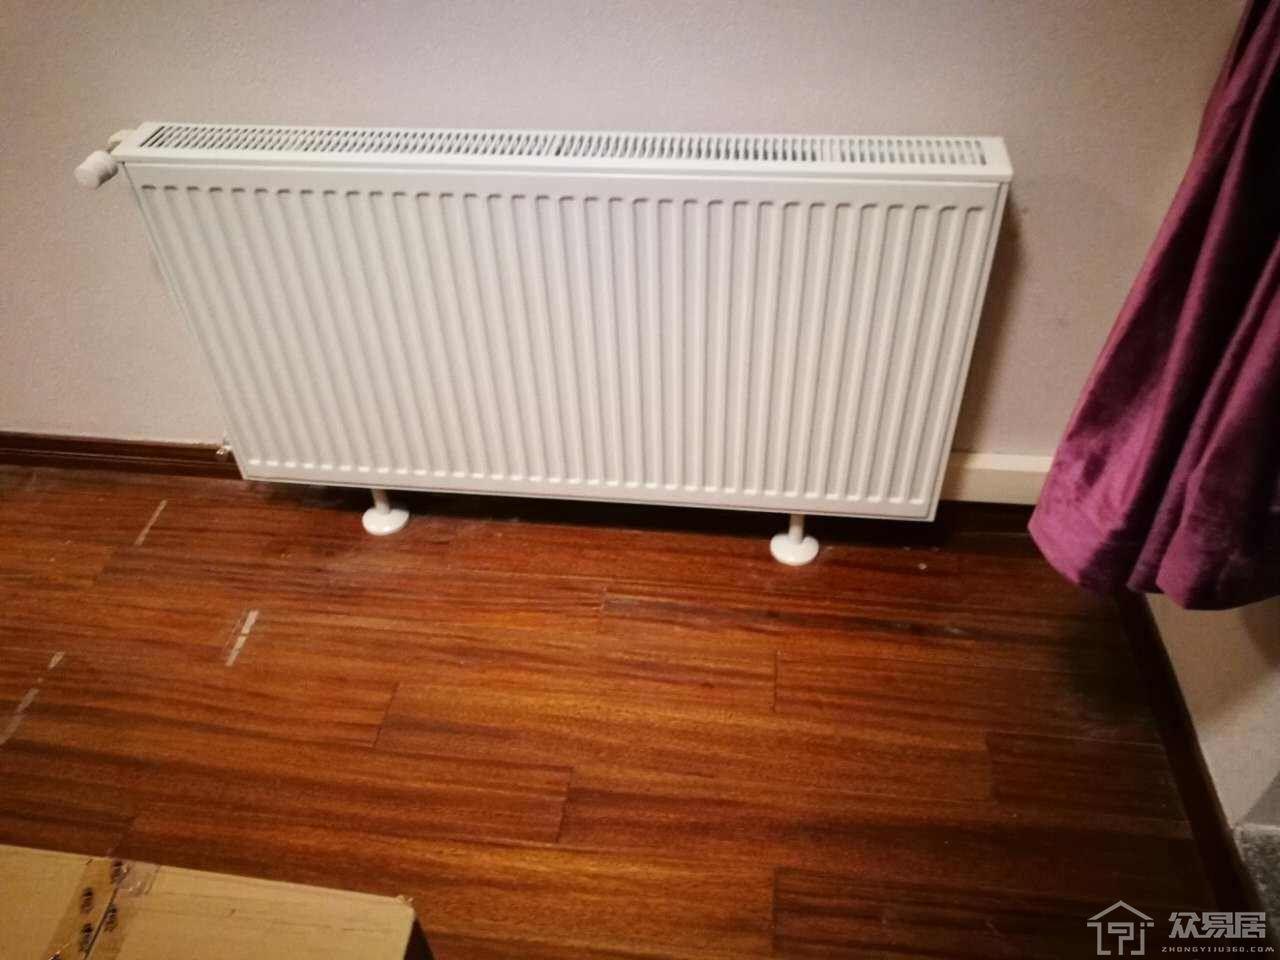 家庭裝暖氣片的價格是多少 家庭裝暖氣片注意要點